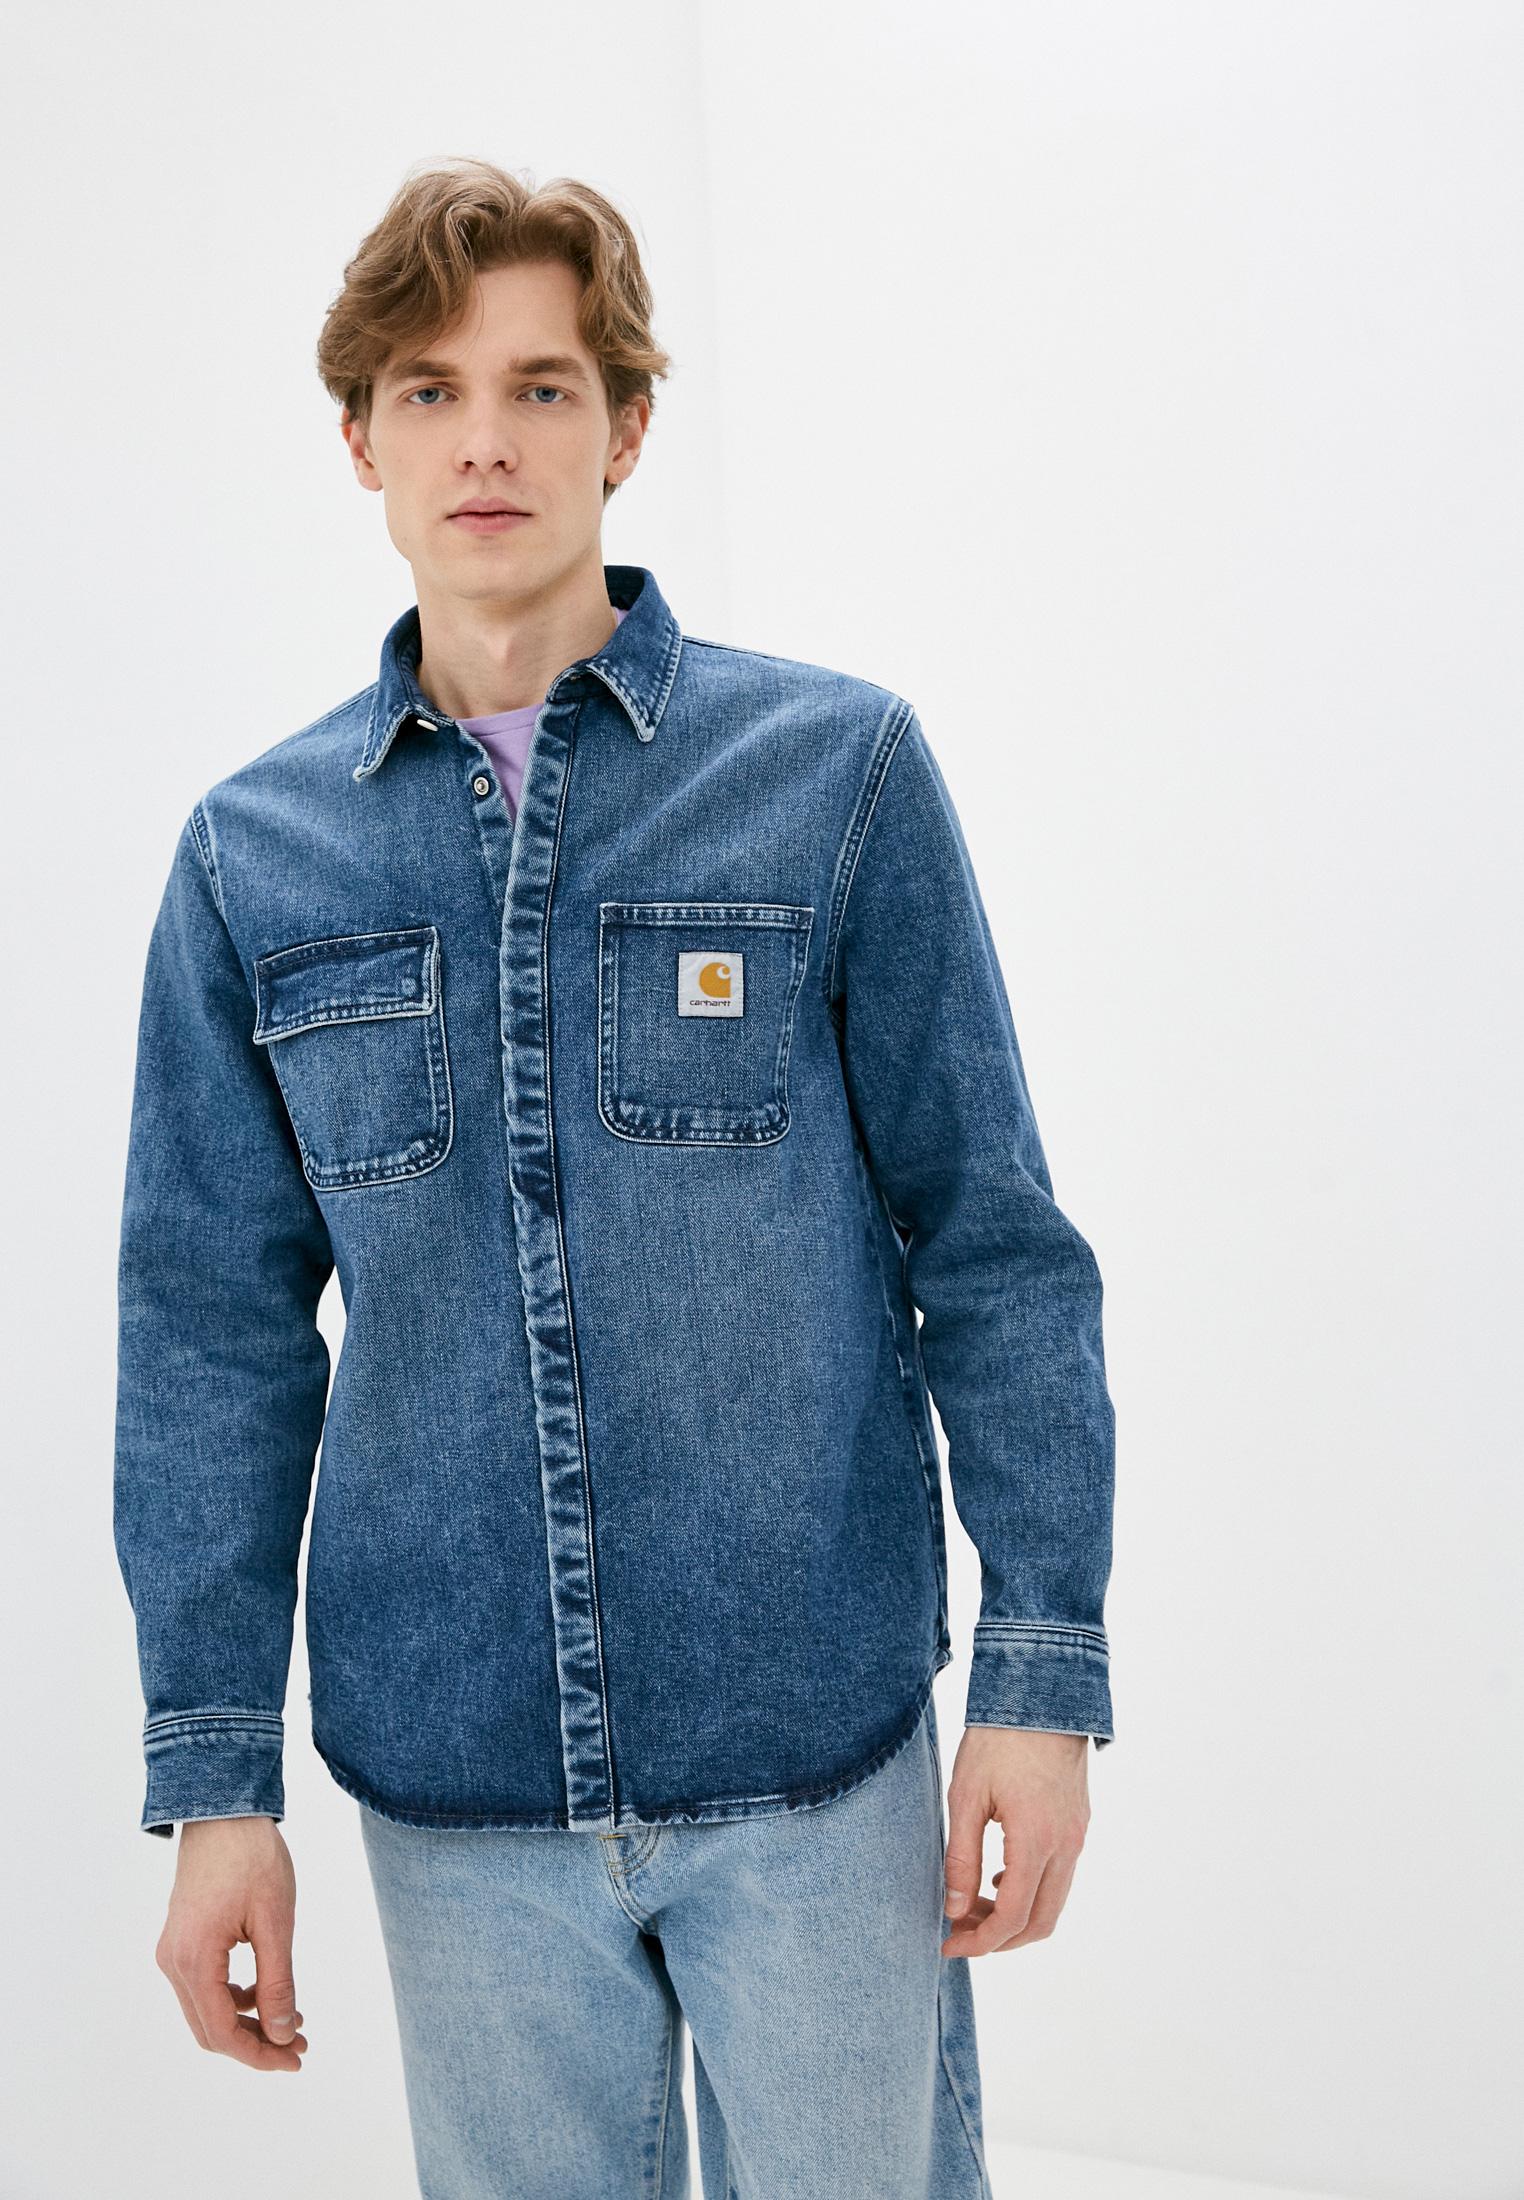 Рубашка Carhartt WIP Рубашка джинсовая Carhartt WIP